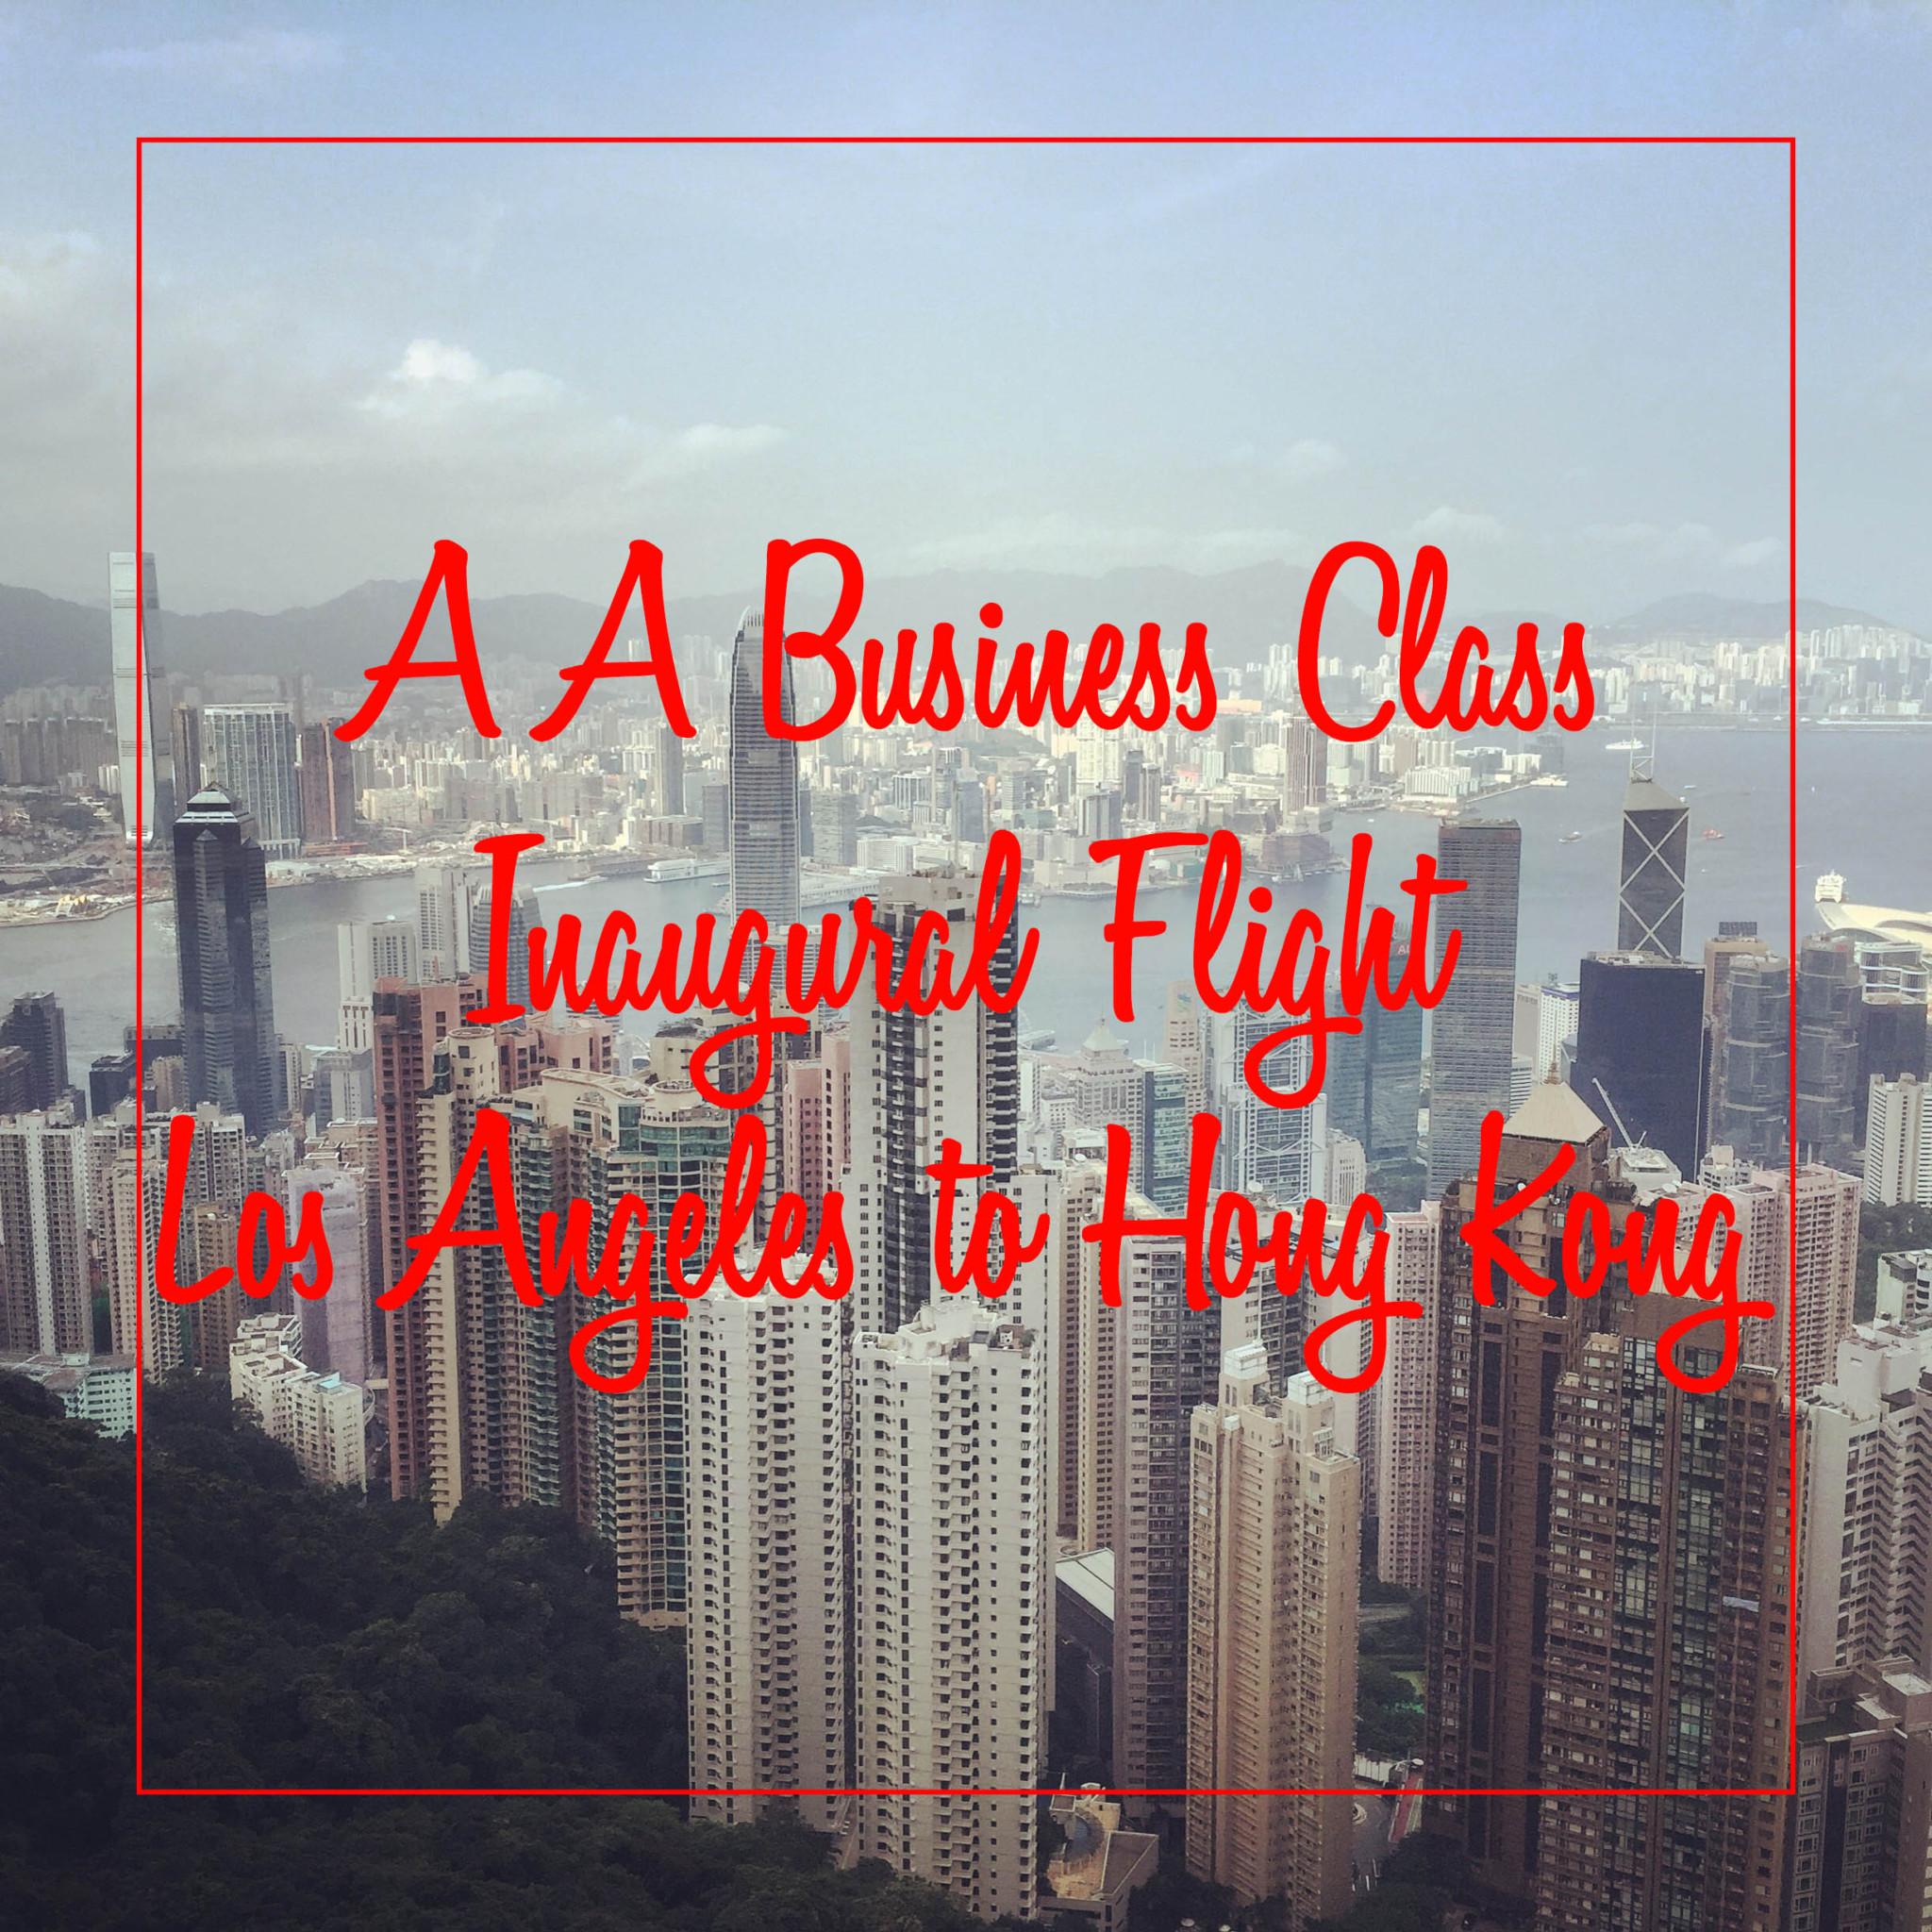 Inaugural Flight LAX-HKG